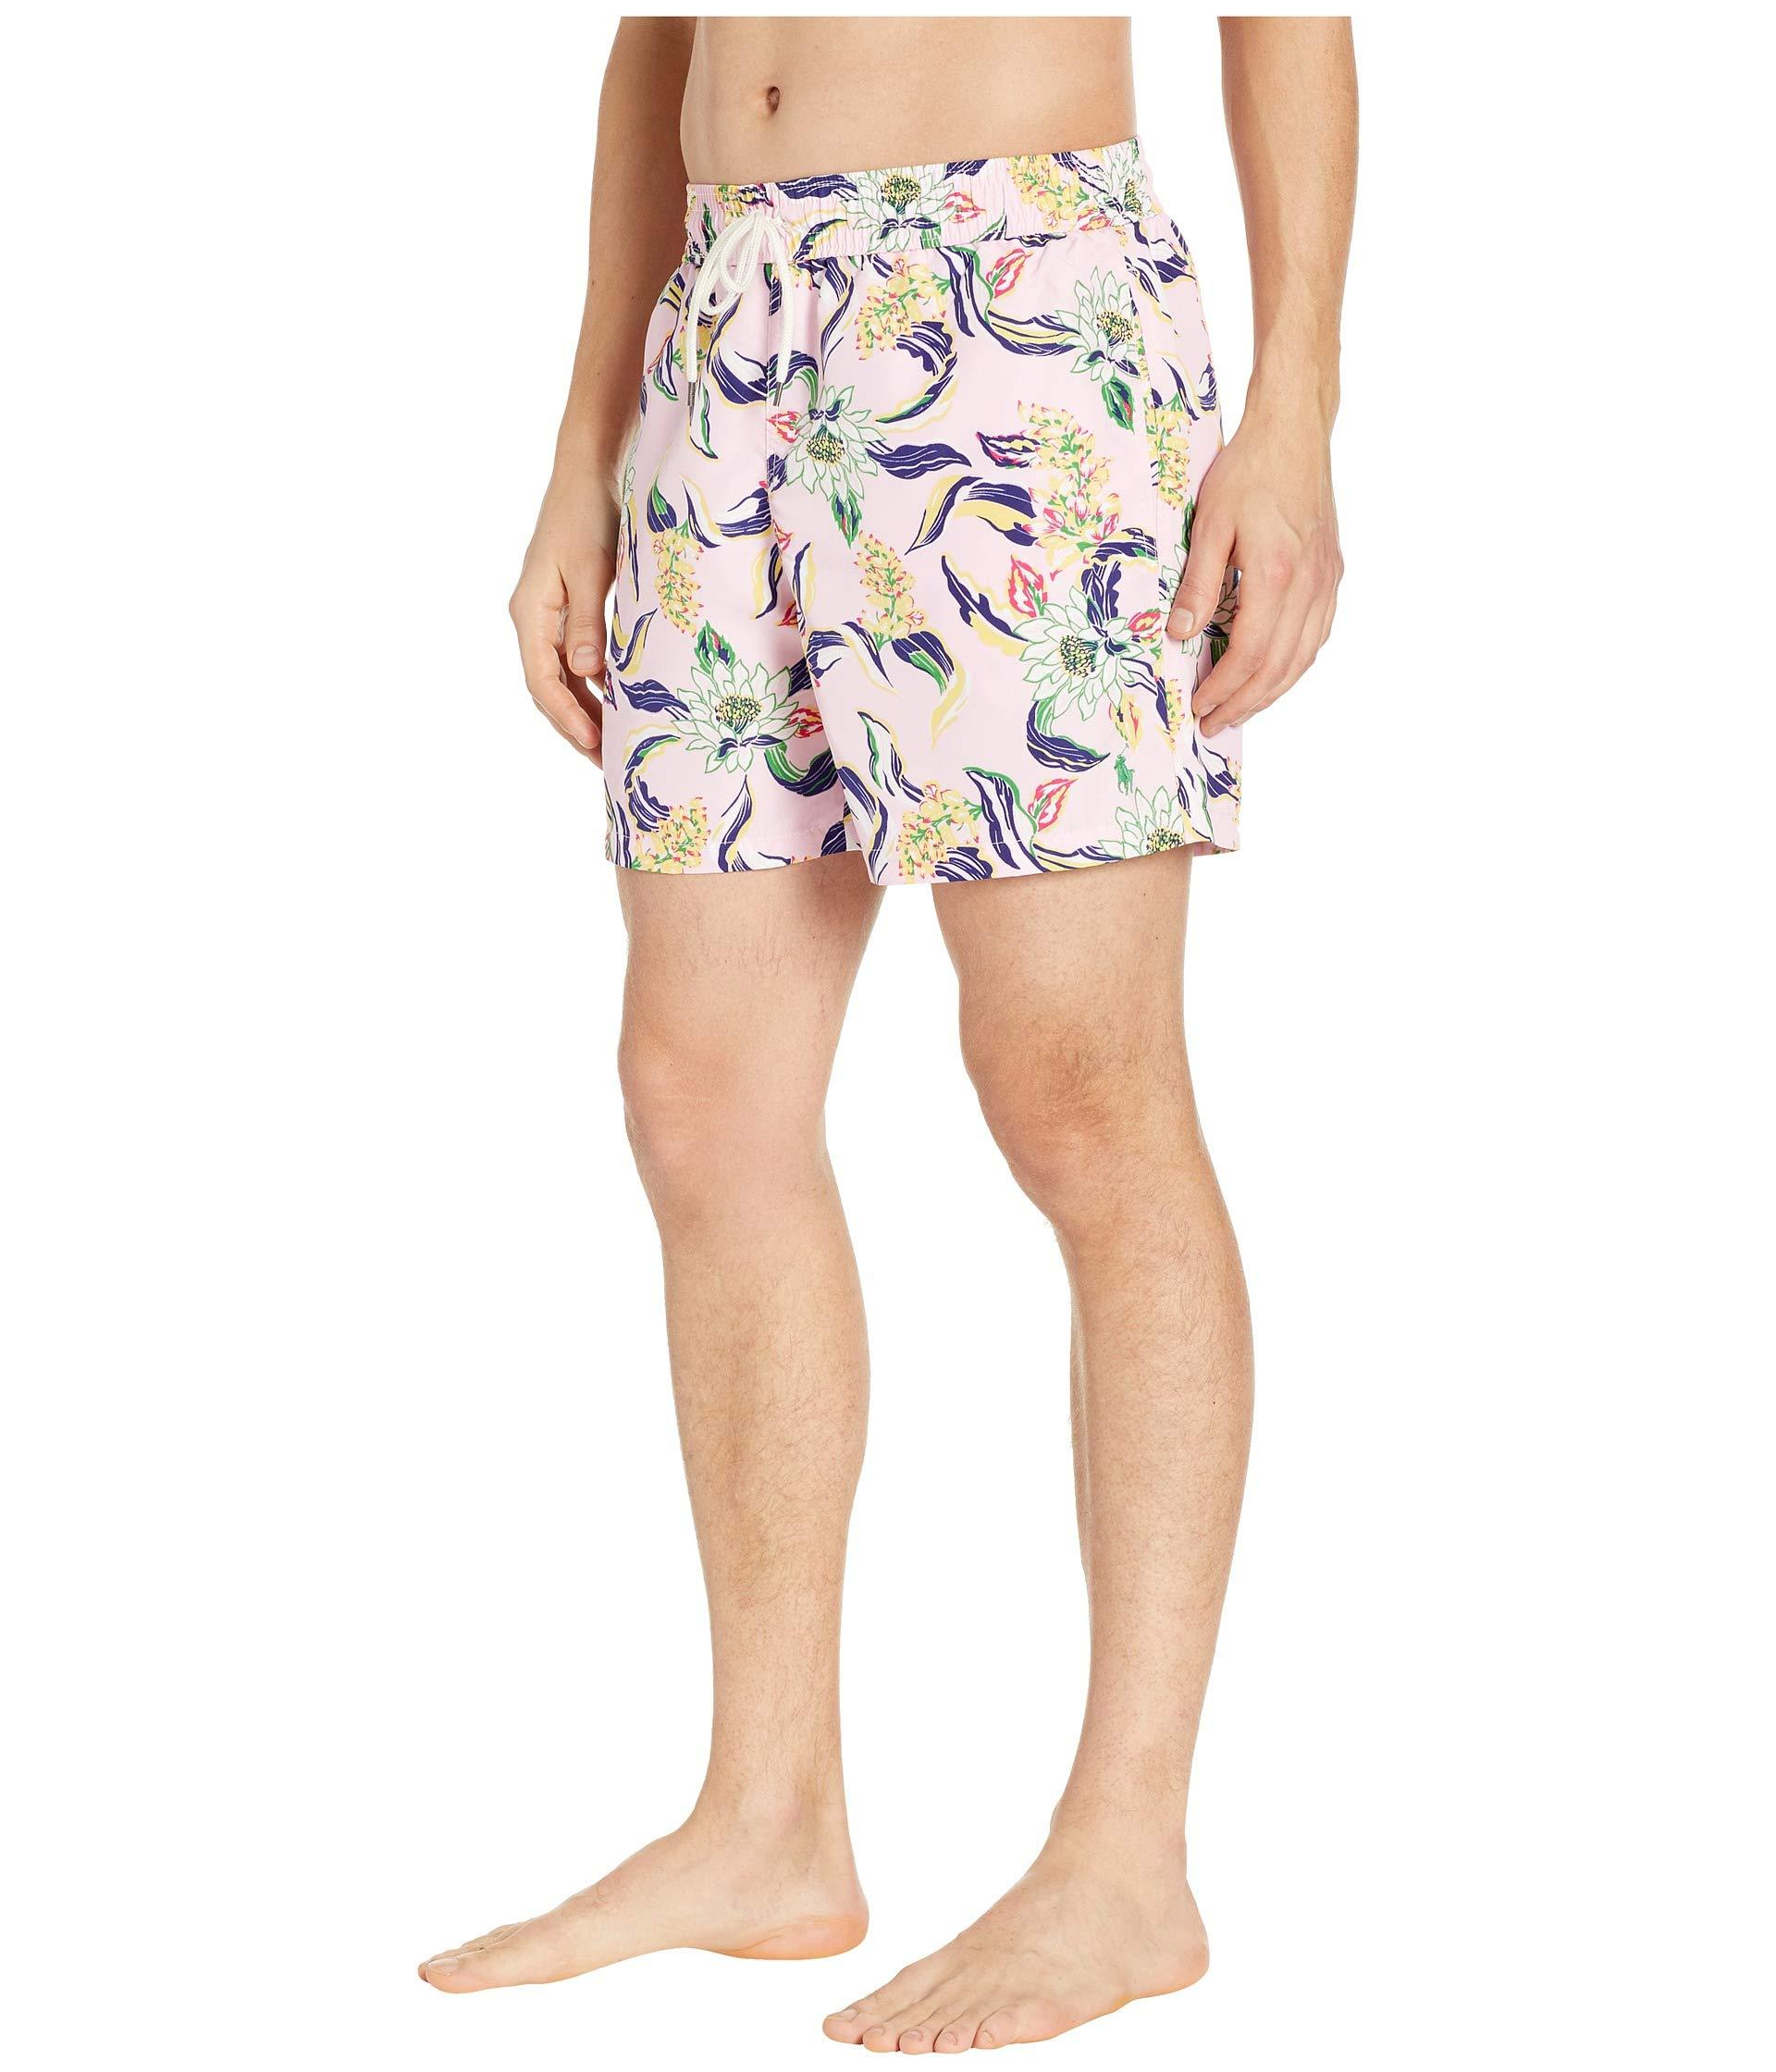 19d58d097a Lyst - Polo Ralph Lauren Traveler Swim Trunks (lotus Paradise) Men's  Swimwear for Men